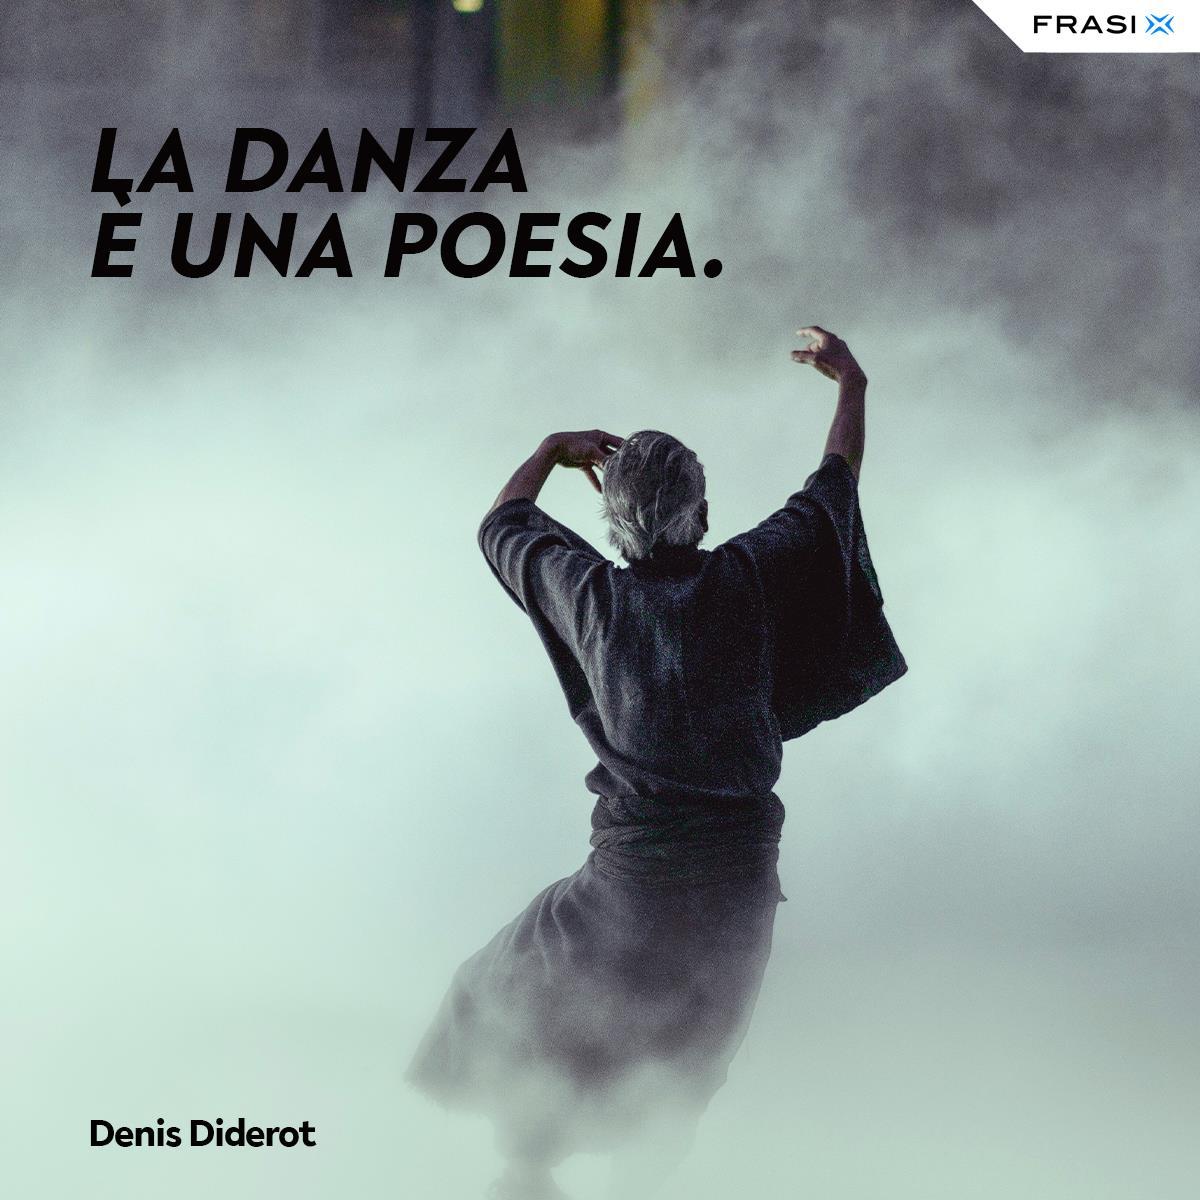 Frasi sulla danza poesia Diderot